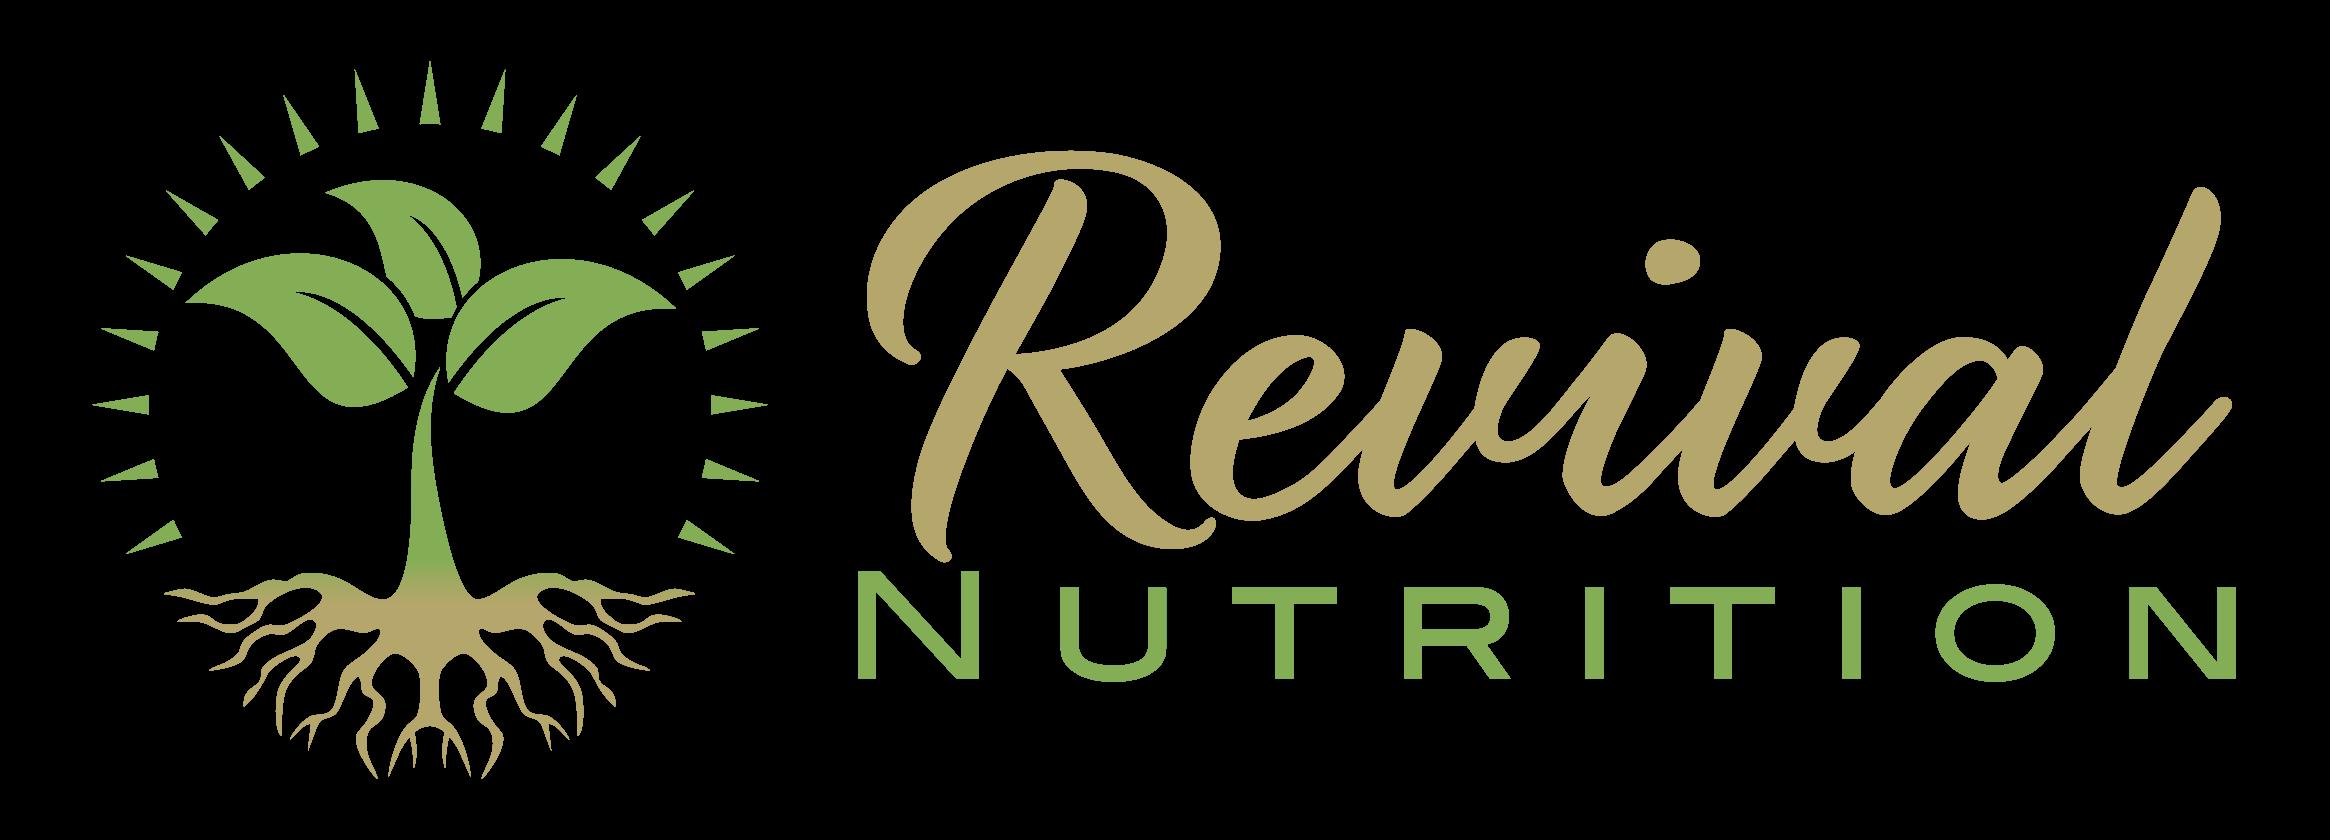 Revival Nutrition | Dietitian & Nutrition Counseling Services Denver